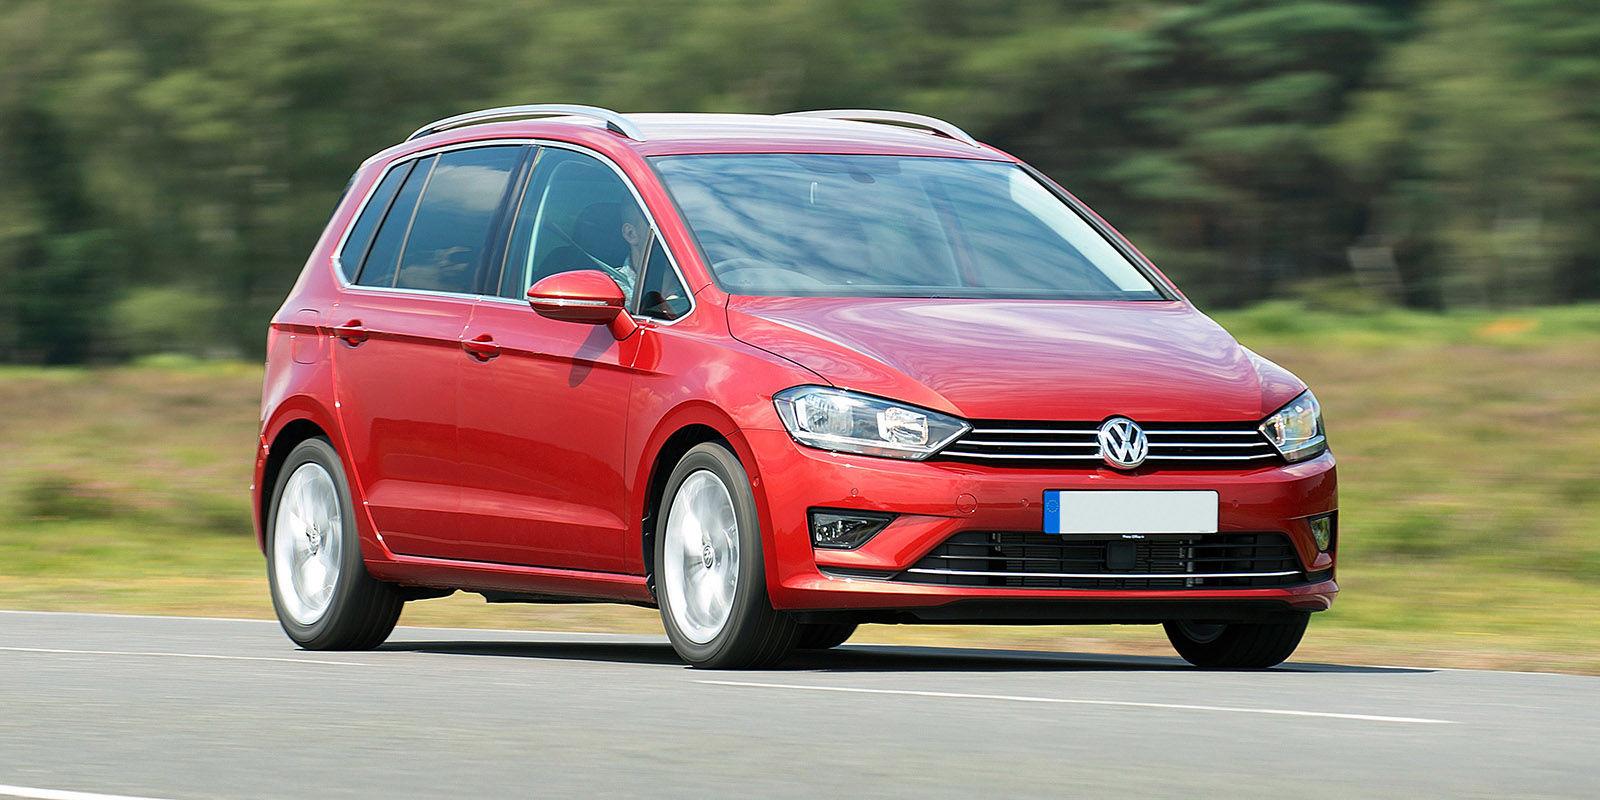 Volkswagen Family Cars Reviews Carwow | Upcomingcarshq.com